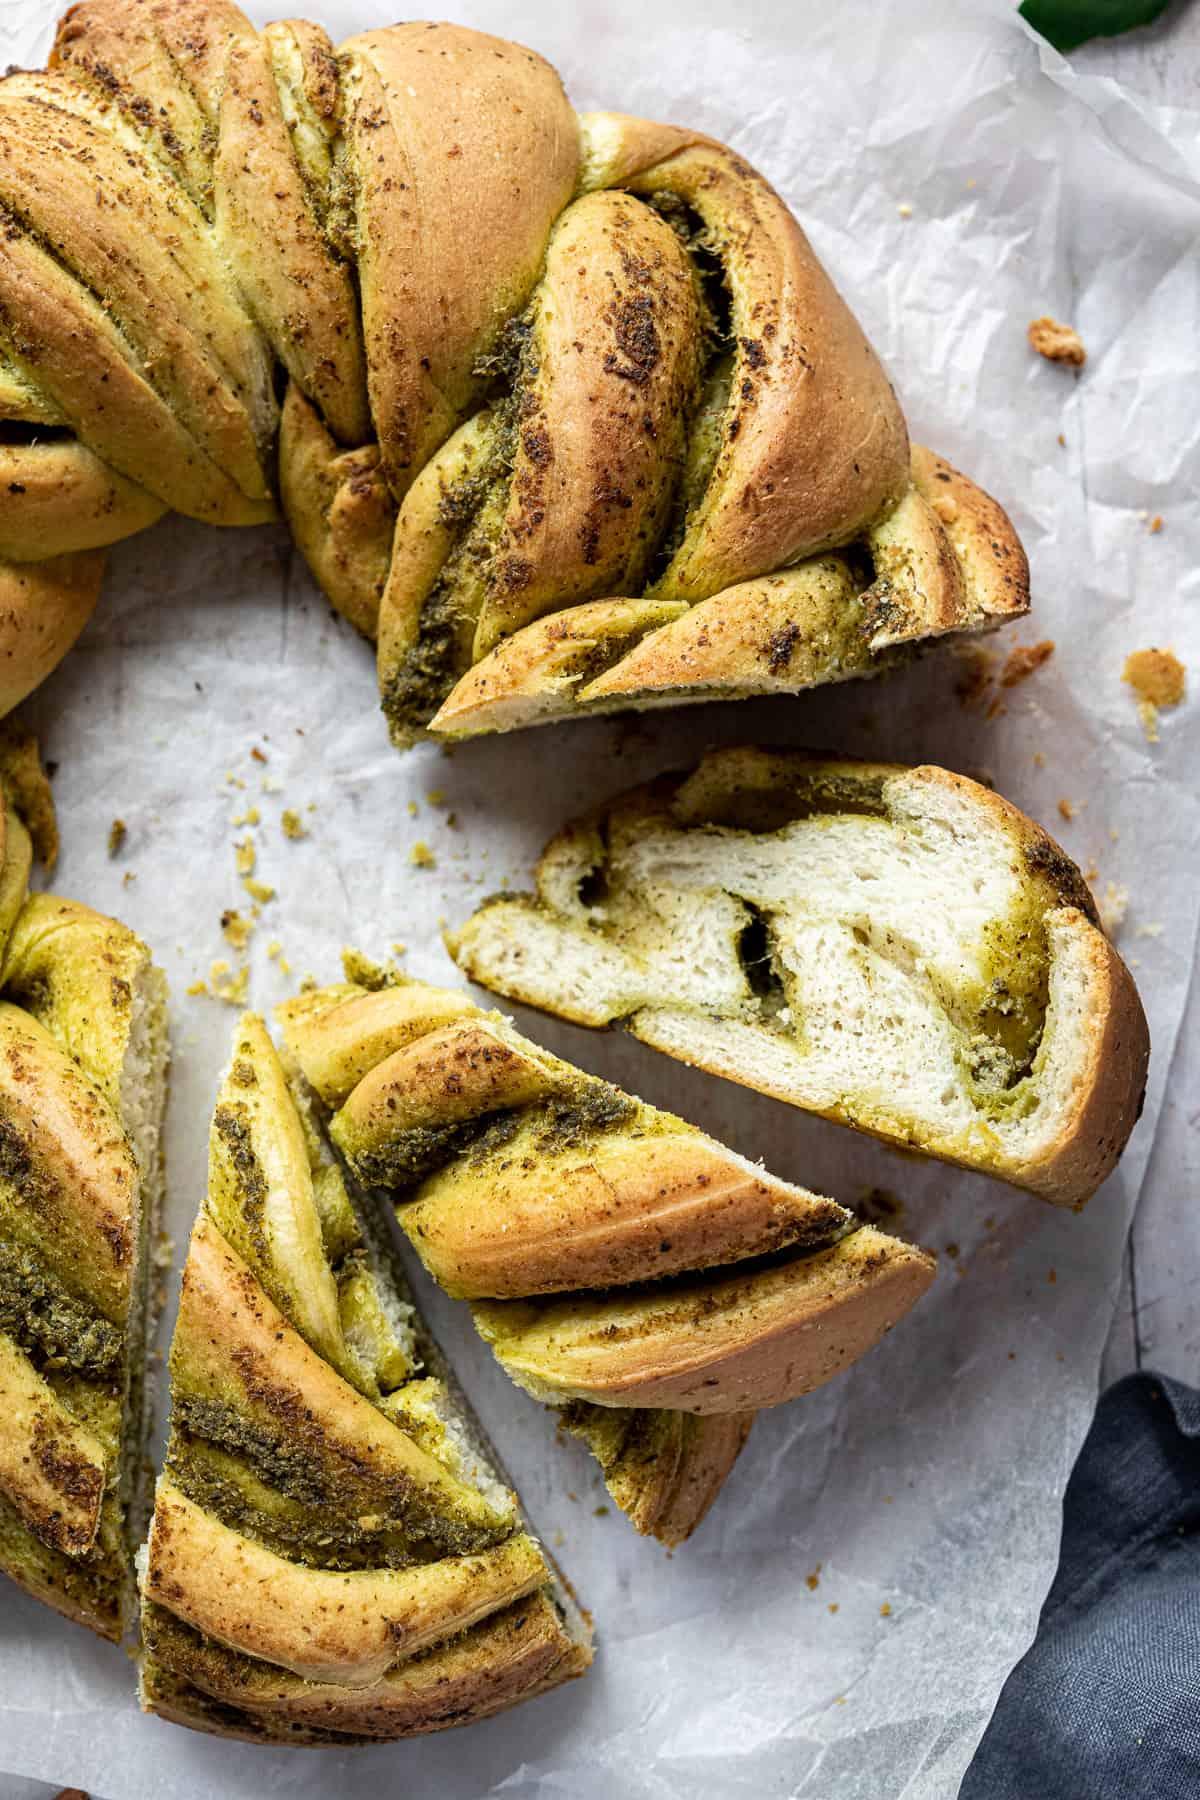 Close up of slices of vegan pesto bread.